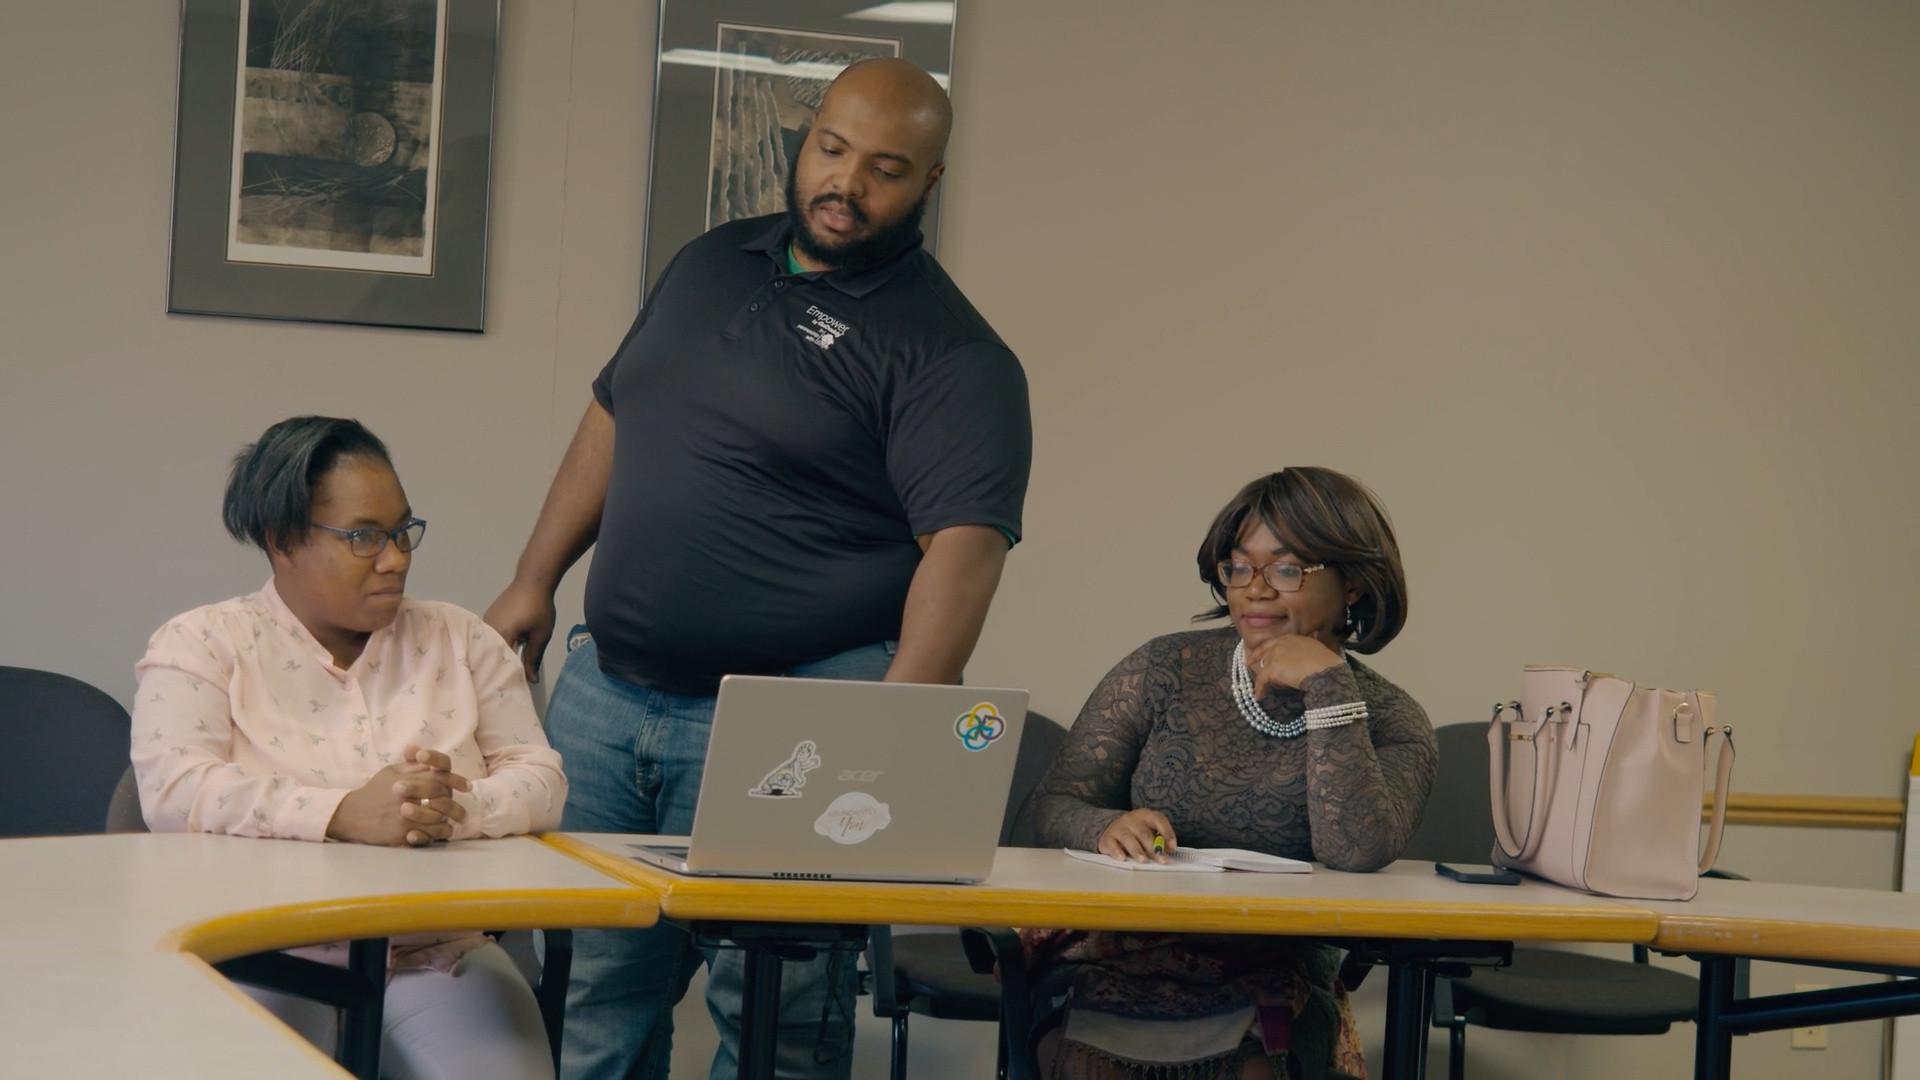 Business Accelerator Program // Empower Iowa By GoDaddy